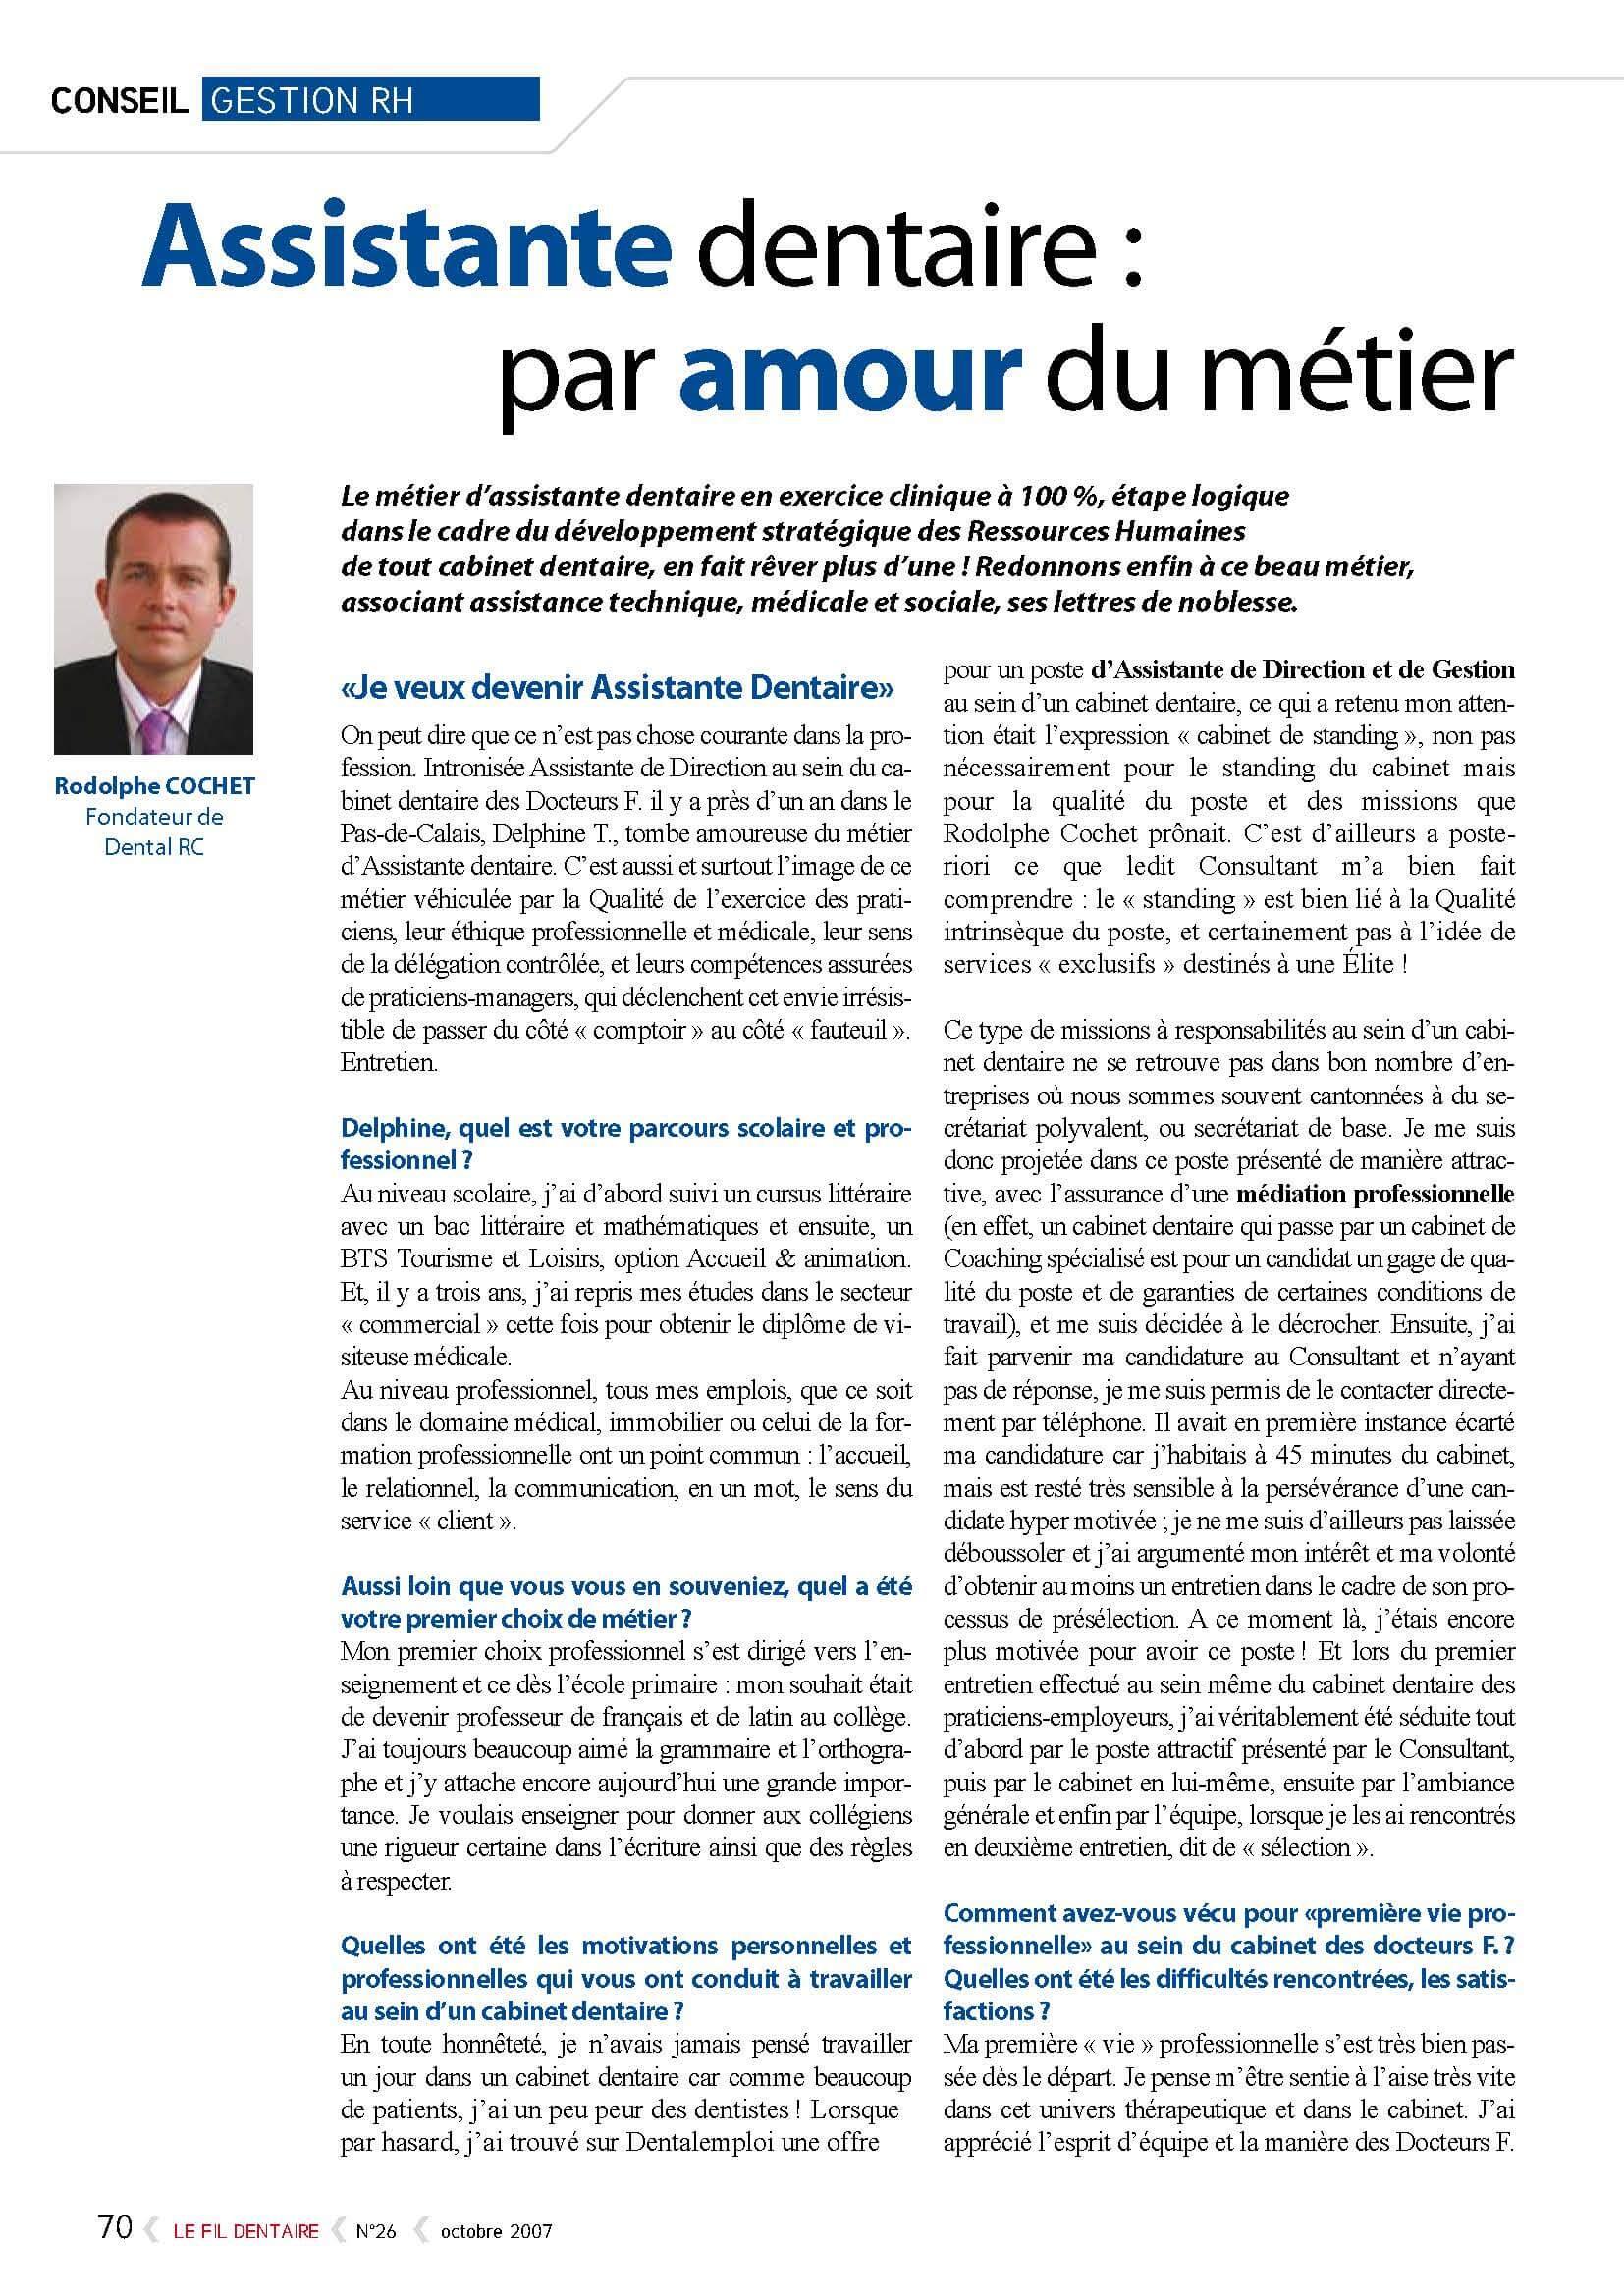 Le_Fil_Dentaire_Assistante_dentaire_par_amour_du_metier_Rodolphe_Cochet.jpg